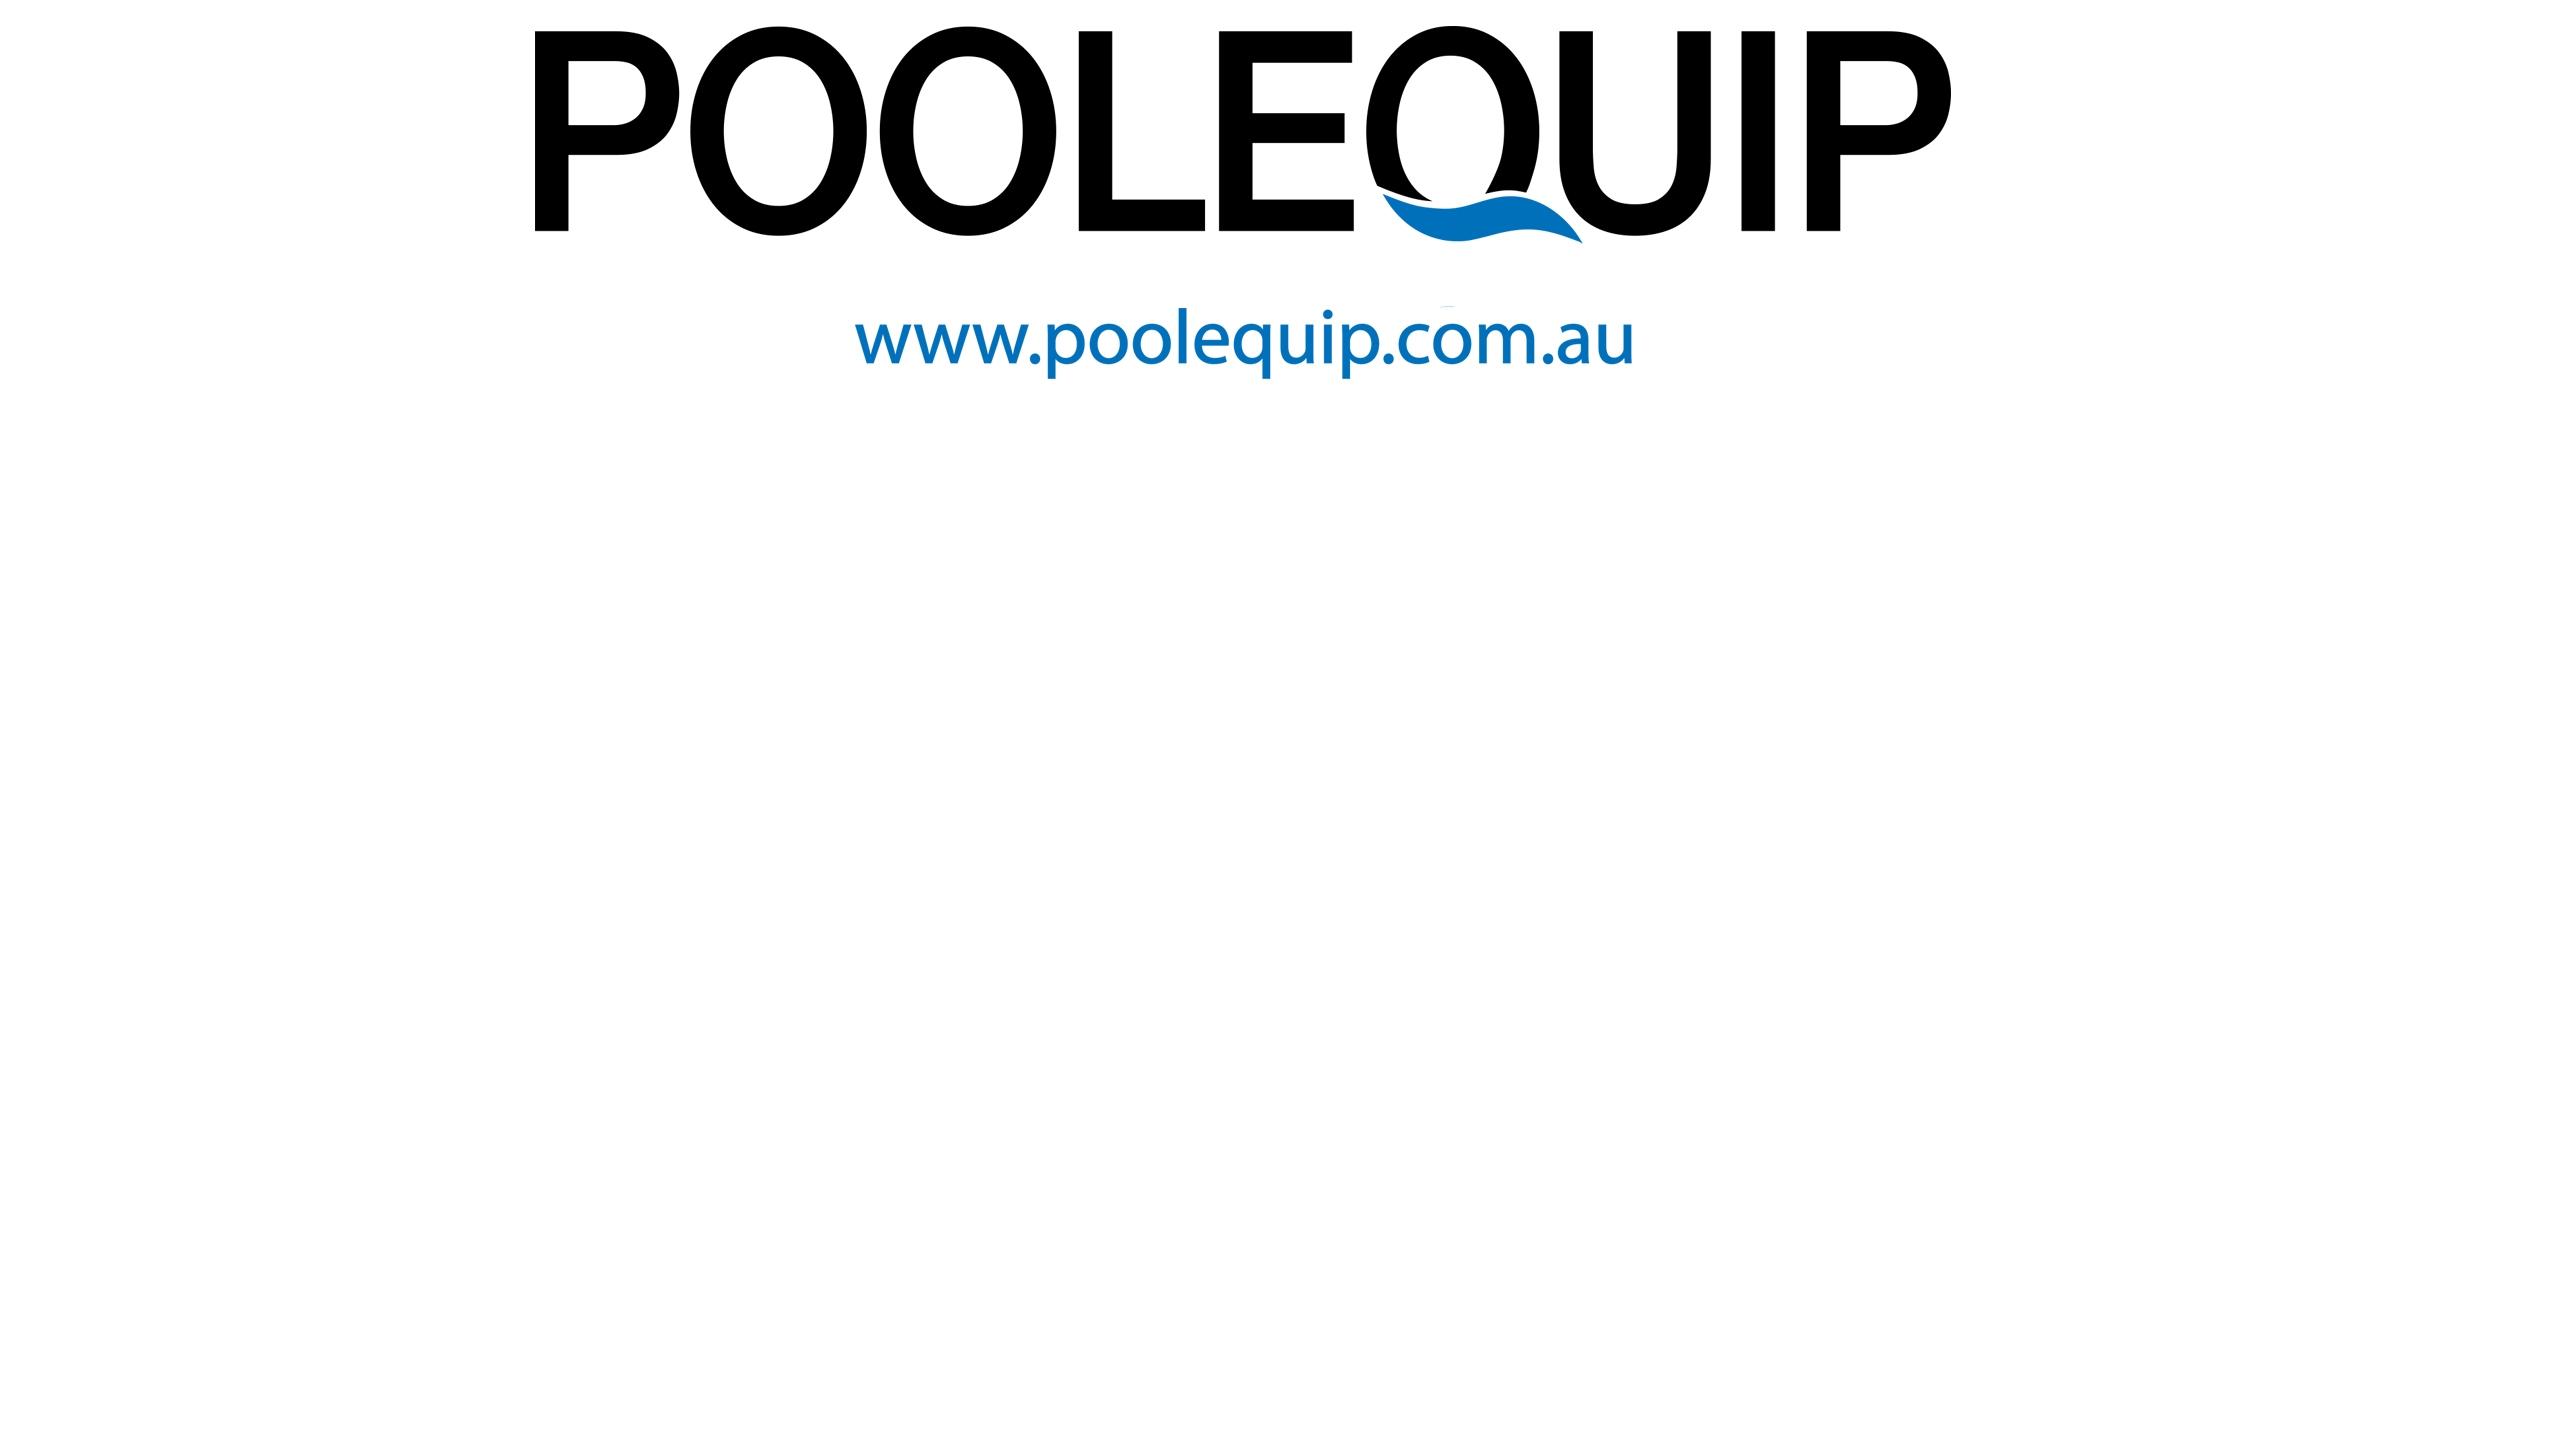 Poolequip (@poolequip) Cover Image